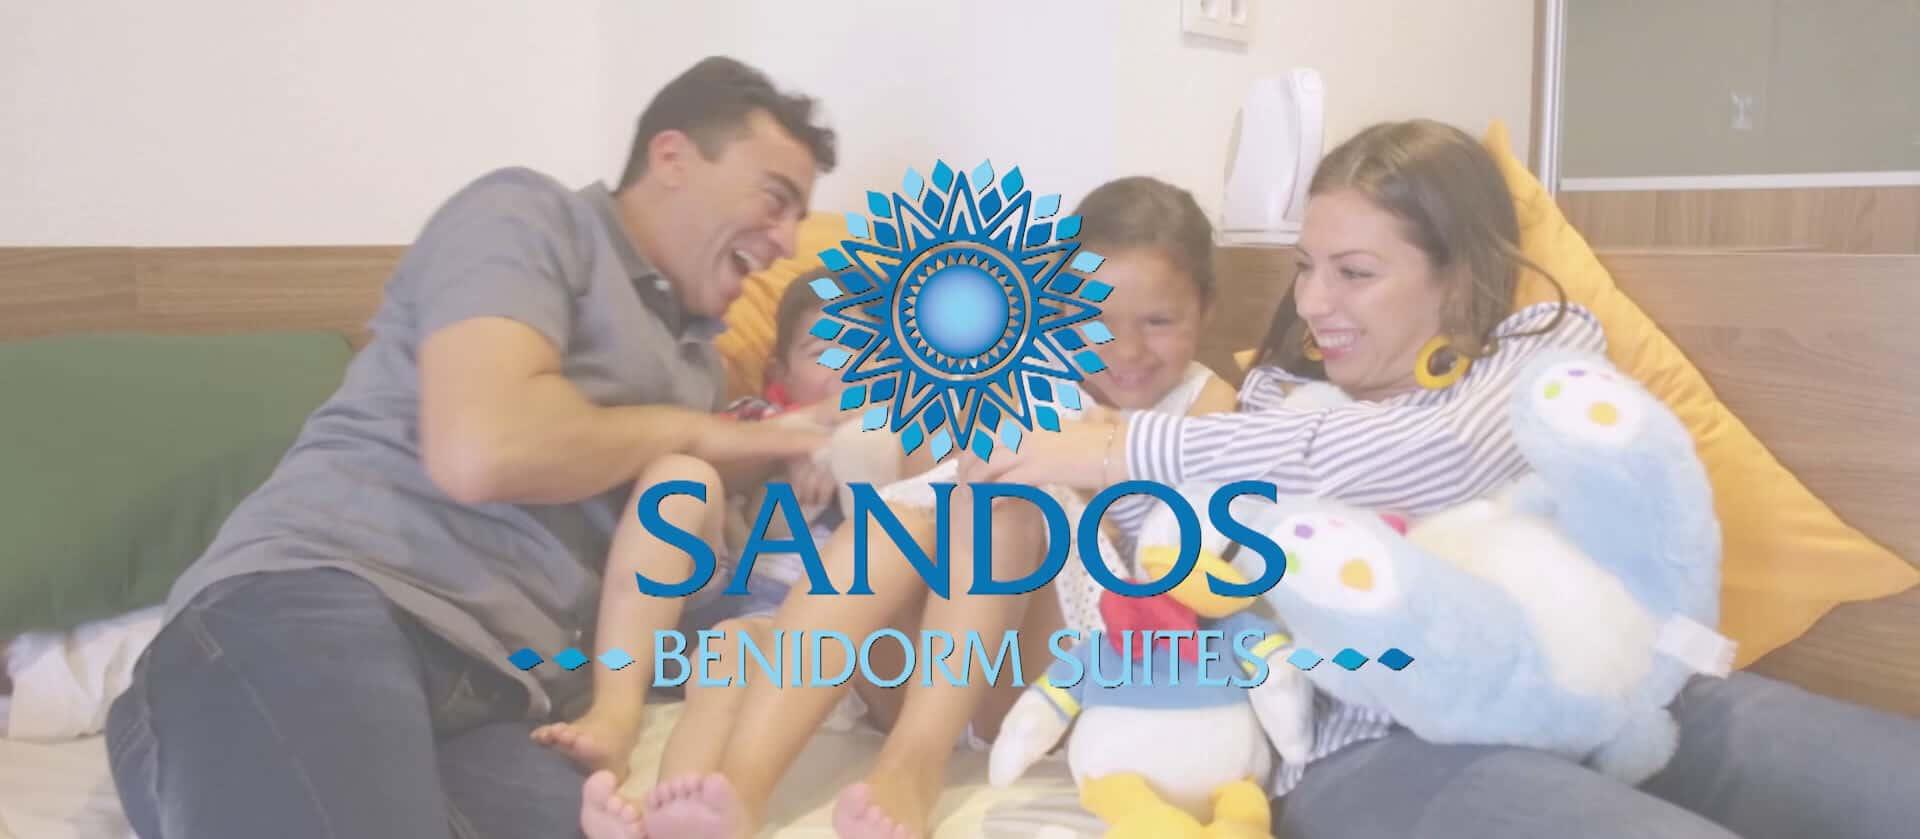 Spot Hotel Sandos Benidorm Suites enfocado a familias